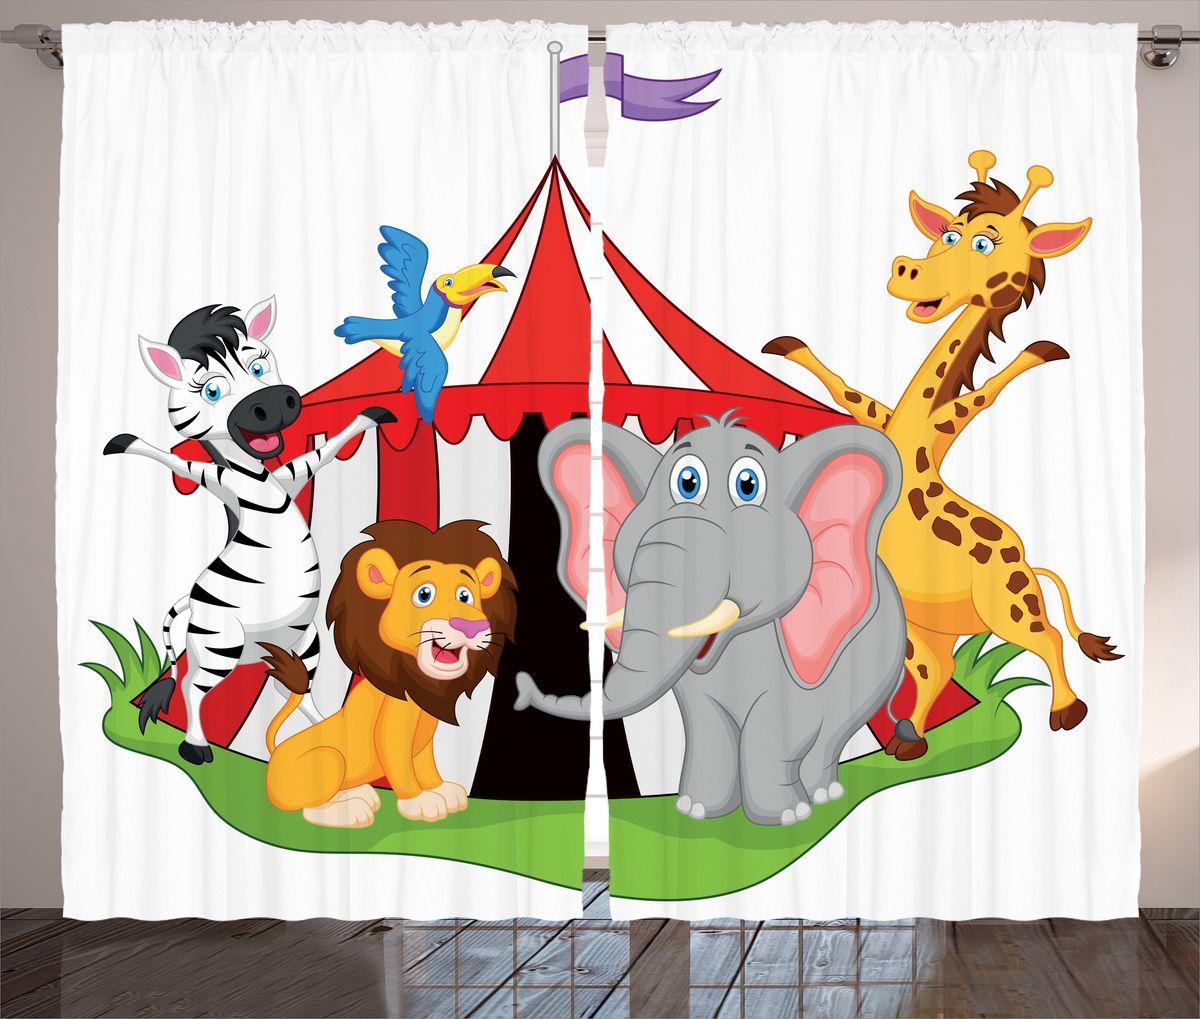 Комплект фотоштор Magic Lady Звери приглашают в цирк, на ленте, высота 265 см. шсг_1545710503Компания Сэмболь изготавливает шторы из высококачественного сатена (полиэстер 100%). При изготовлении используются специальные гипоаллергенные чернила для прямой печати по ткани, безопасные для человека и животных. Экологичность продукции Magic lady и безопасность для окружающей среды подтверждены сертификатом Oeko-Tex Standard 100. Крепление: крючки для крепления на шторной ленте (50 шт). Возможно крепление на трубу. Внимание! При нанесении сублимационной печати на ткань технологическим методом при температуре 240°С, возможно отклонение полученных размеров (указанных на этикетке и сайте) от стандартных на + - 3-5 см. Производитель старается максимально точно передать цвета изделия на фотографиях, однако искажения неизбежны и фактический цвет изделия может отличаться от воспринимаемого по фото. Обратите внимание! Шторы изготовлены из полиэстра сатенового переплетения, а не из сатина (хлопок). Размер одного полотна шторы: 145х265 см. В комплекте 2 полотна шторы и 50 крючков.